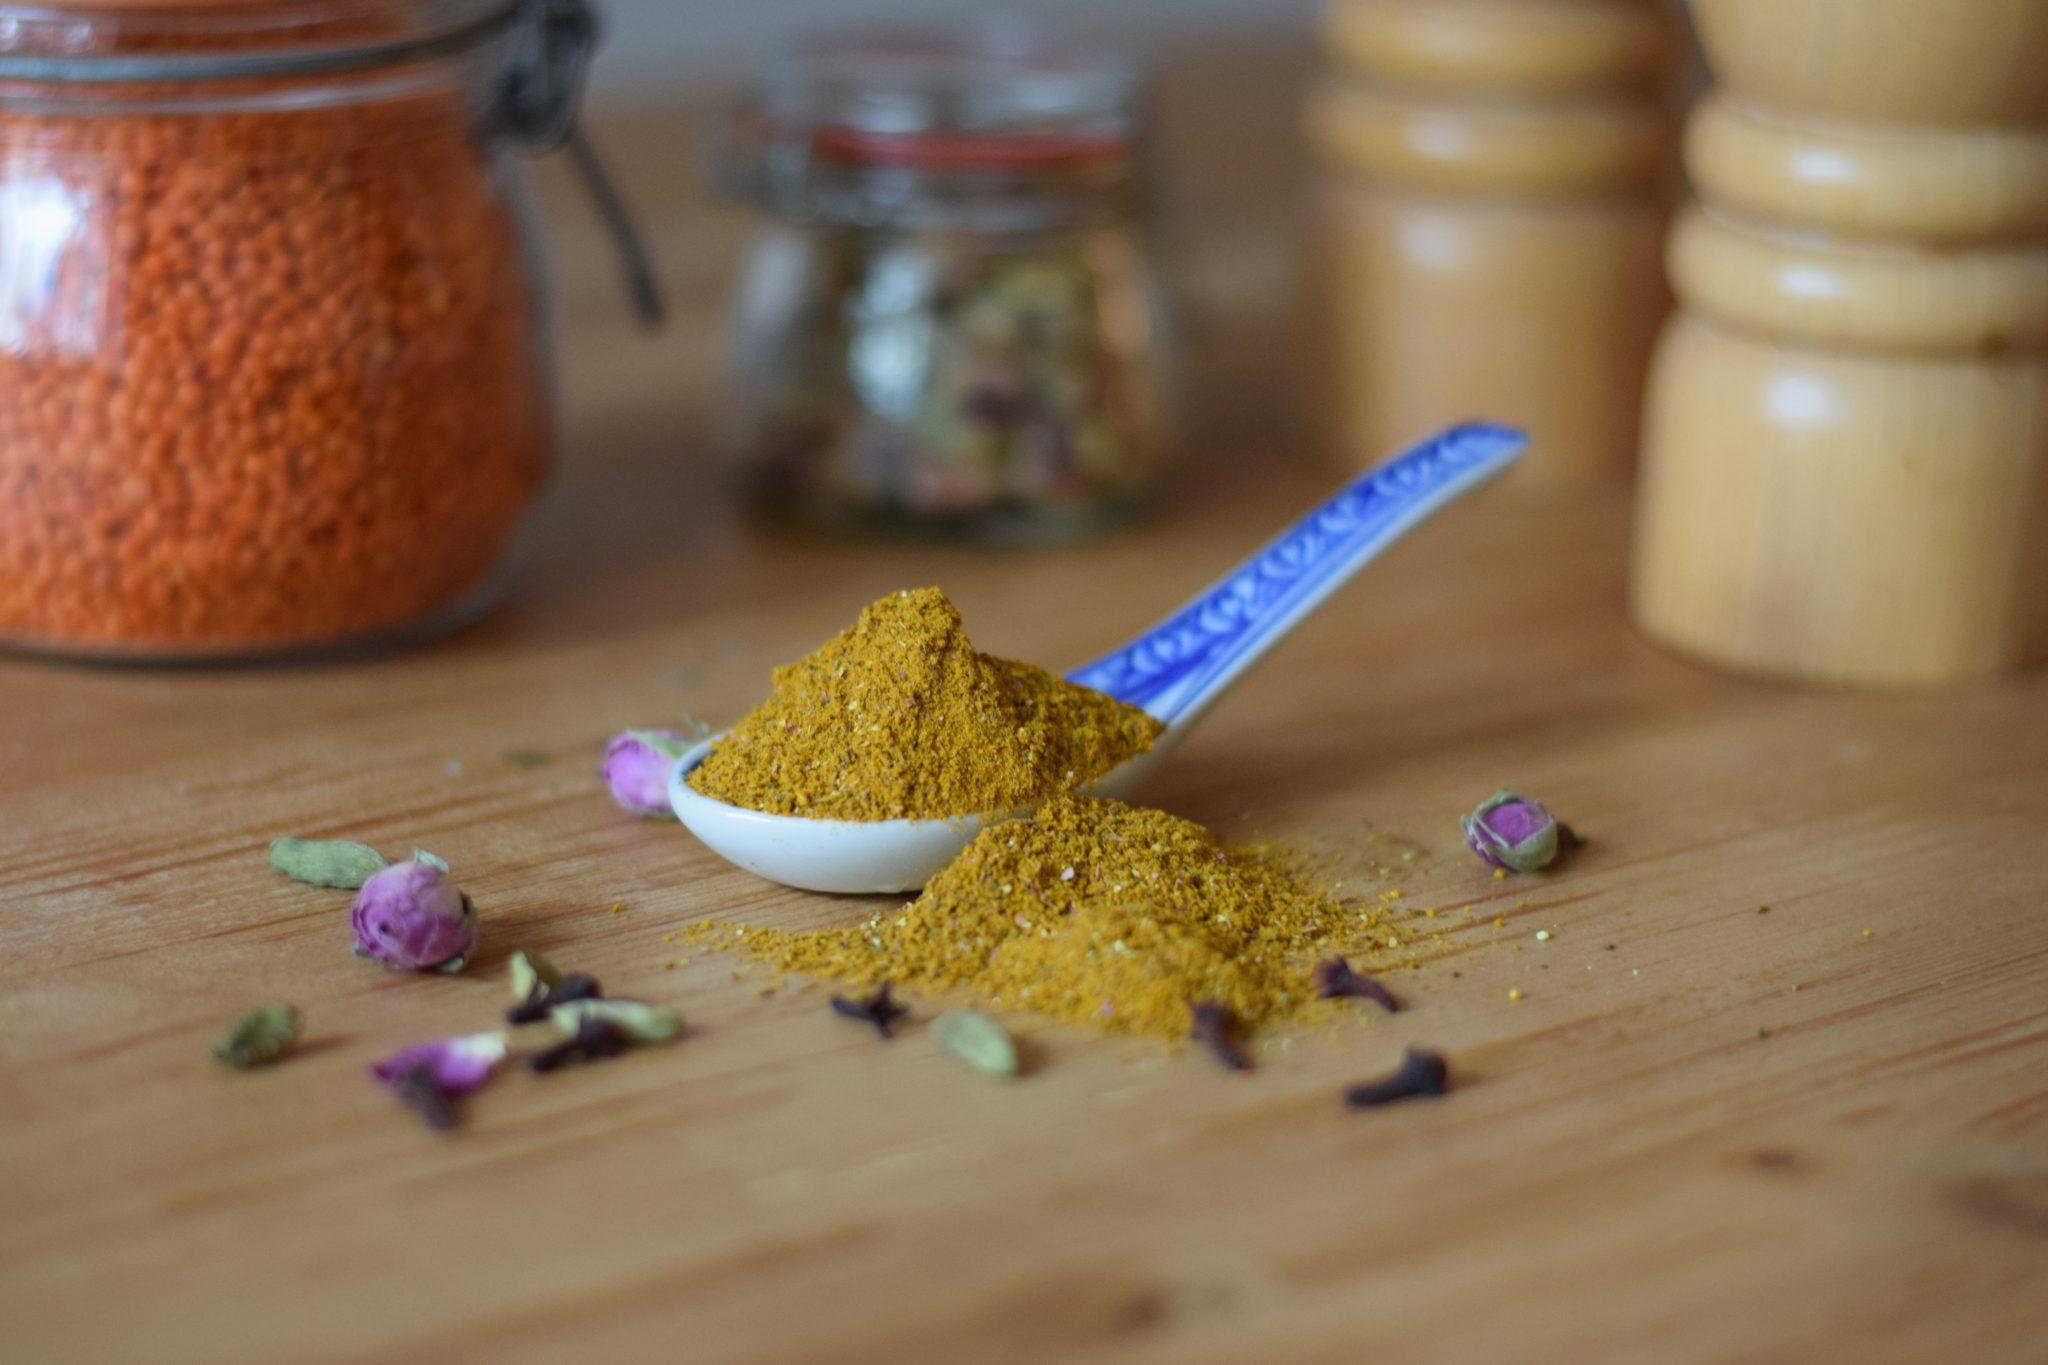 Advieh, Perzich kruidenmengsel uit Iran